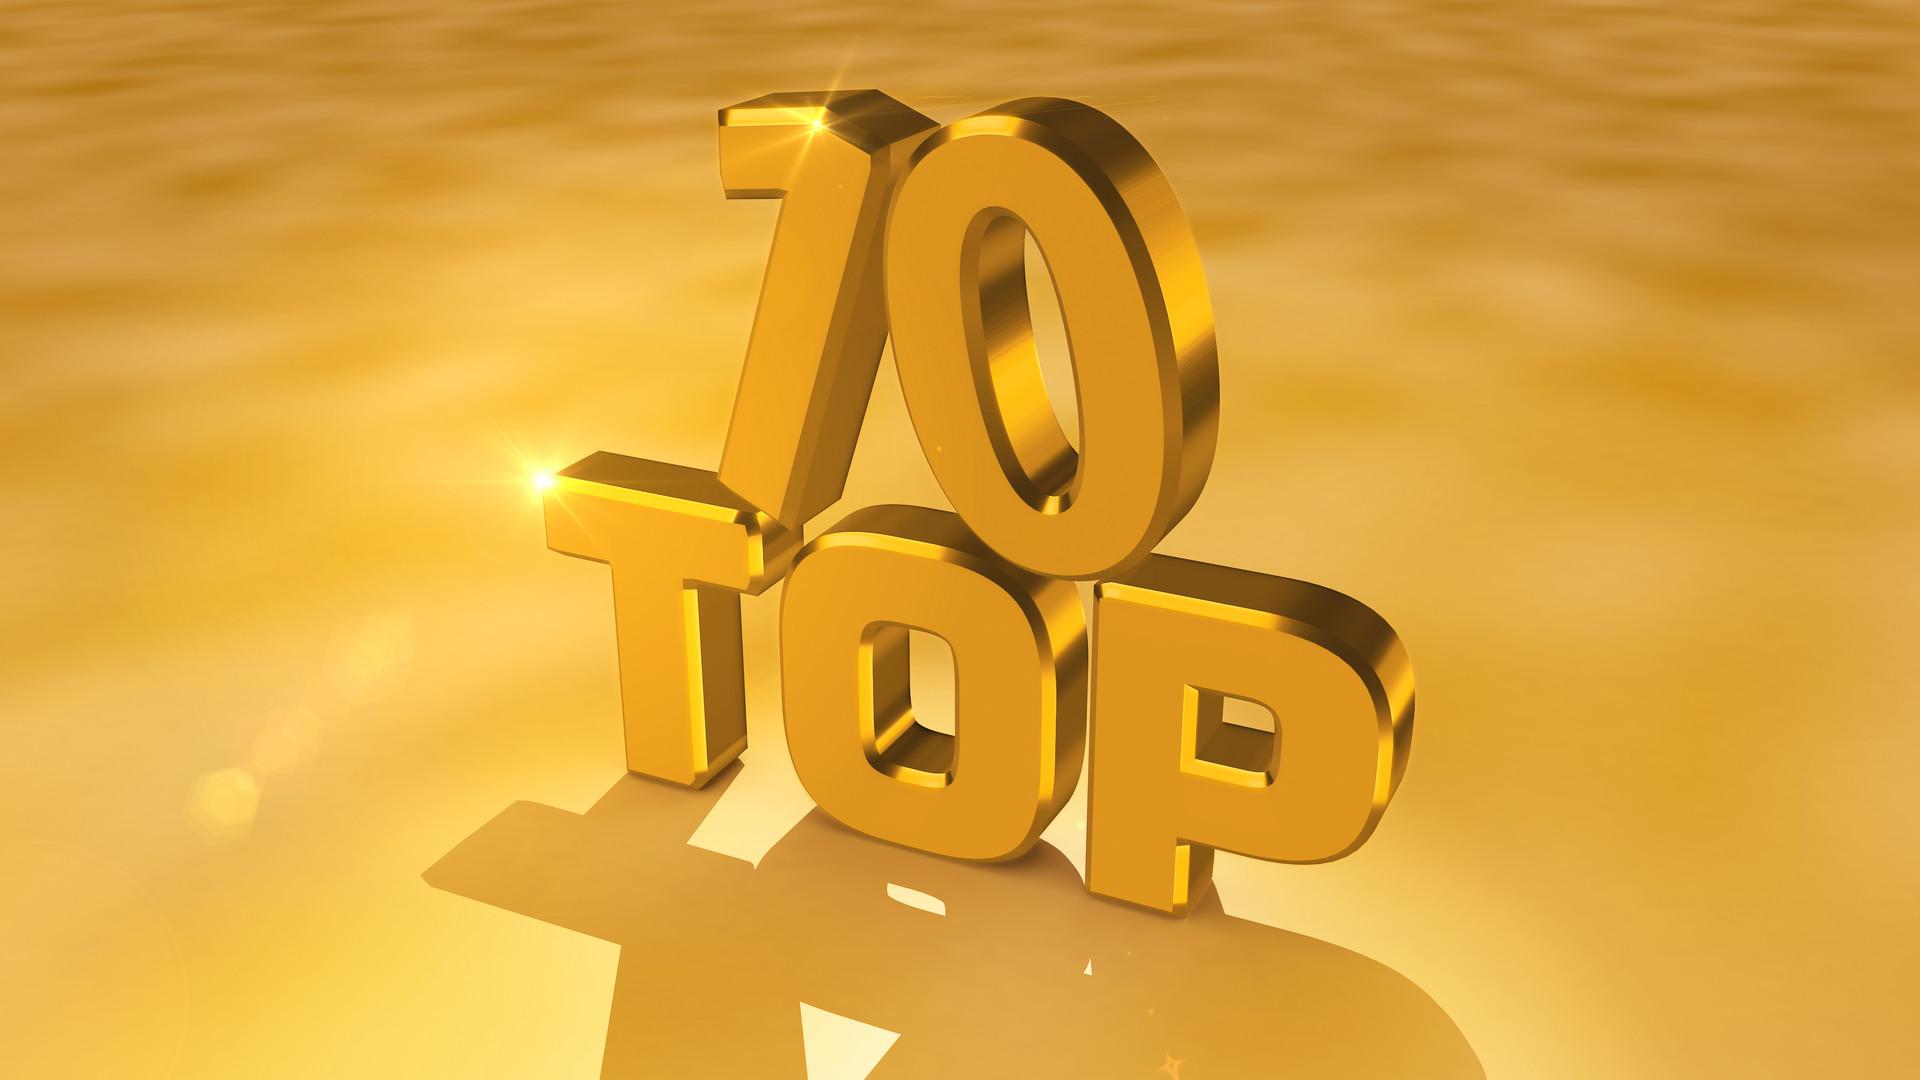 全球十大知名视觉传感器品牌排行榜